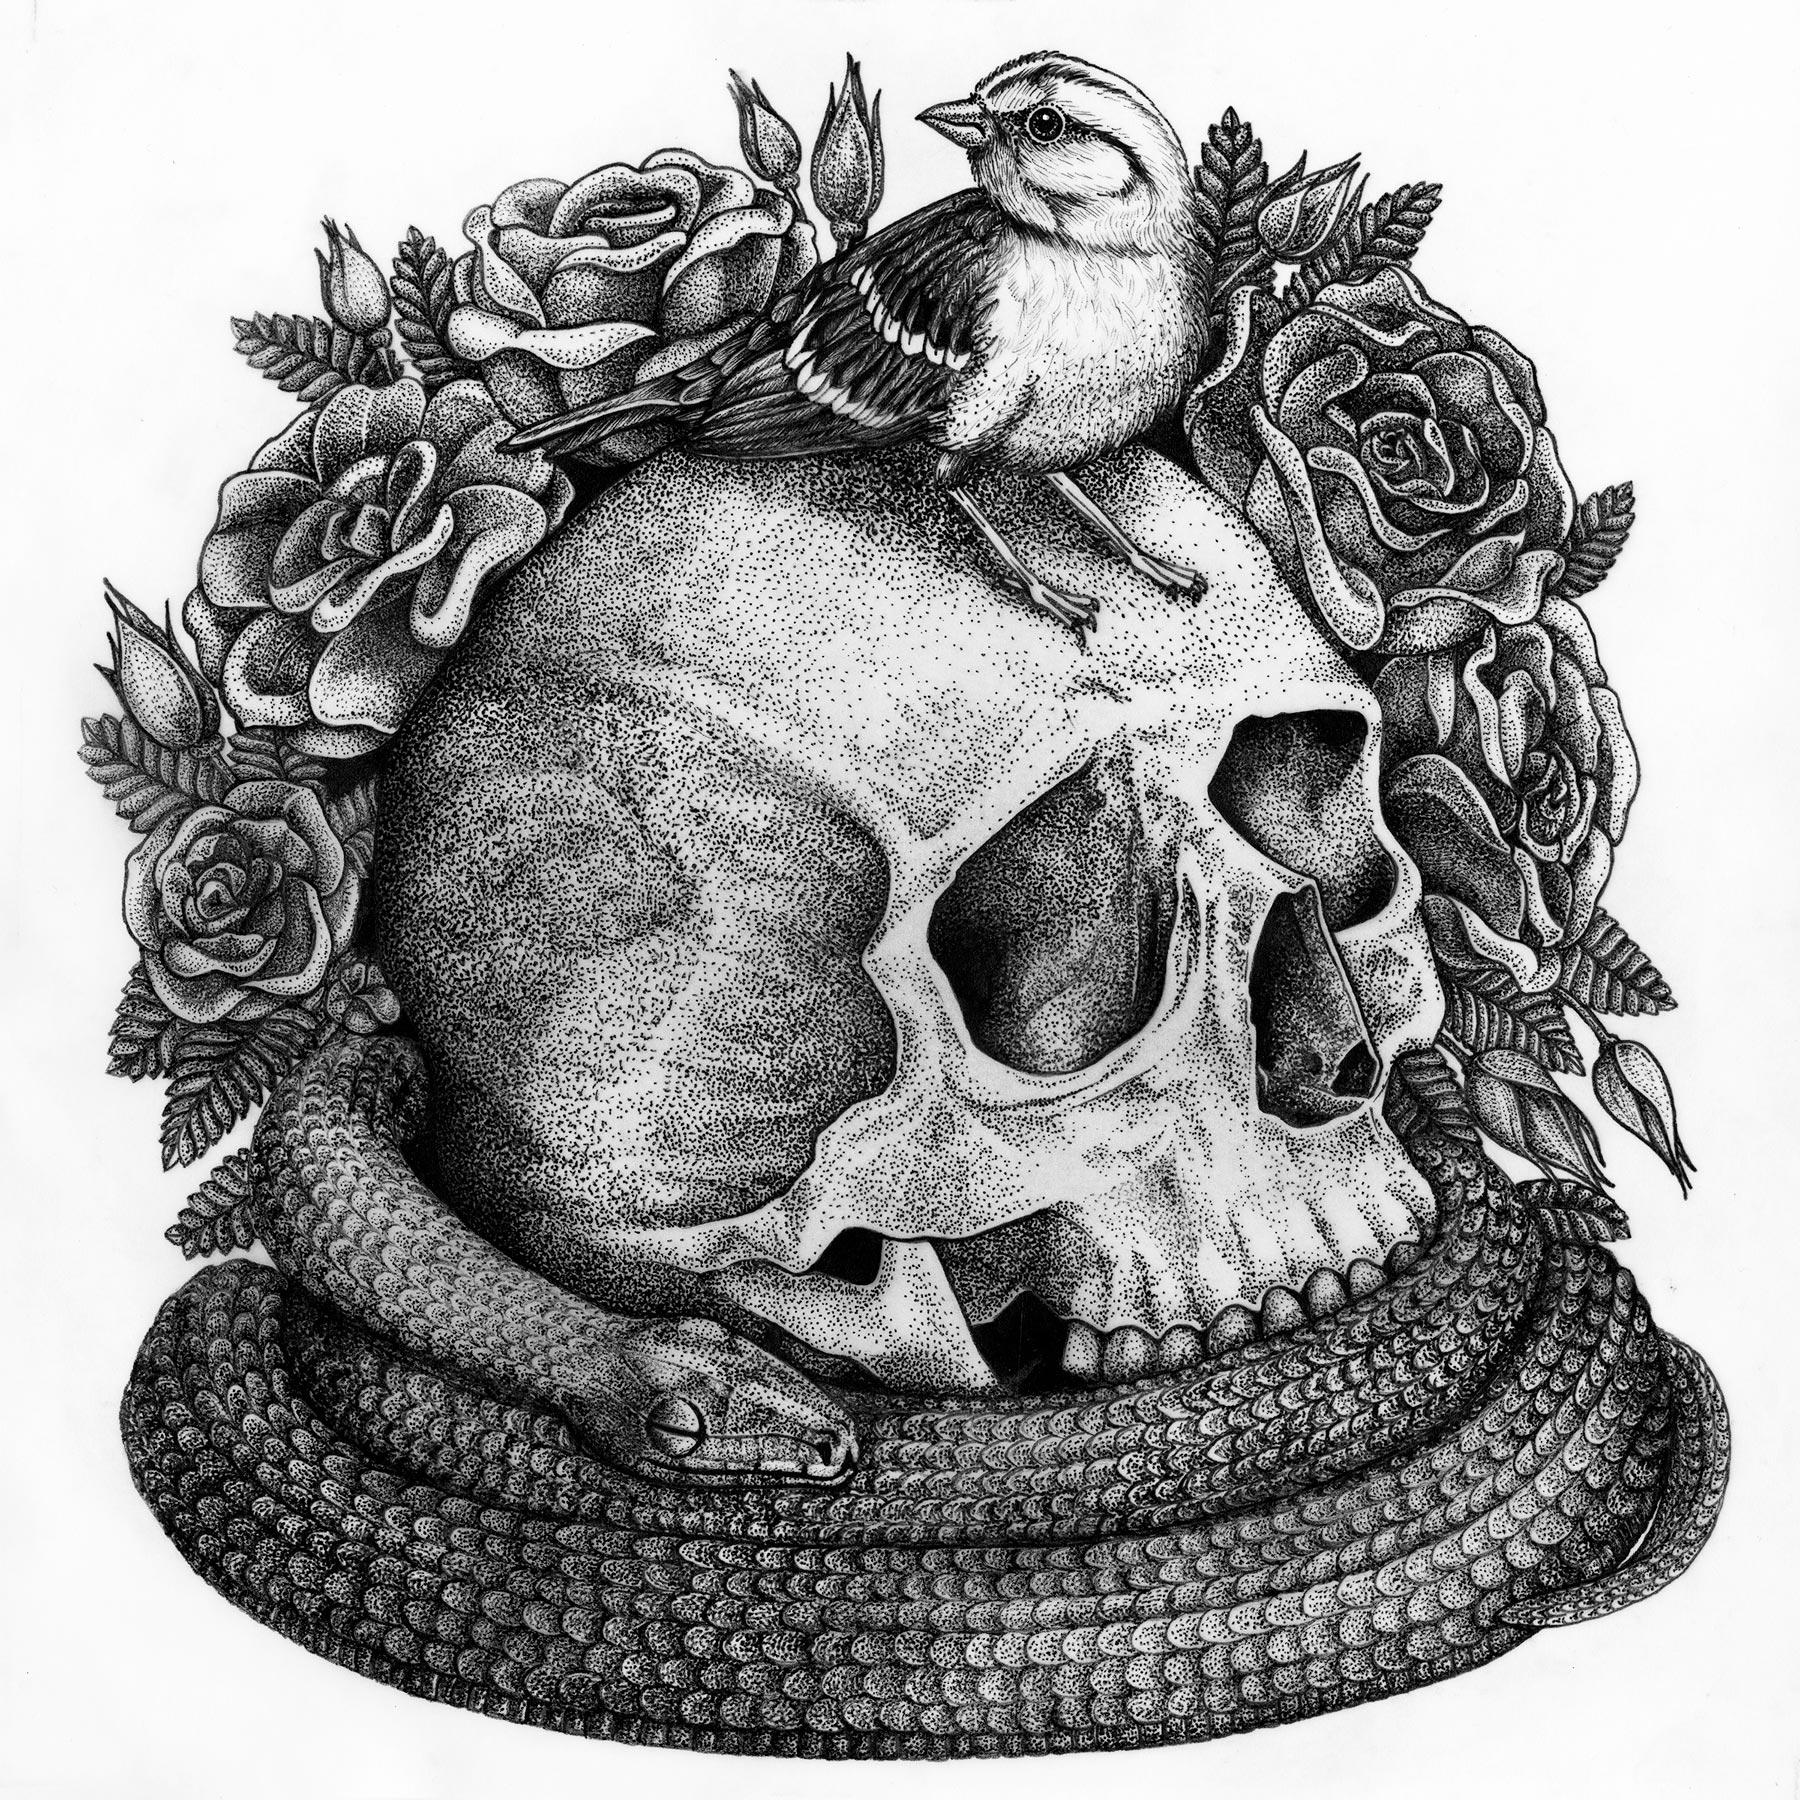 Sparrow, Skull, Snake